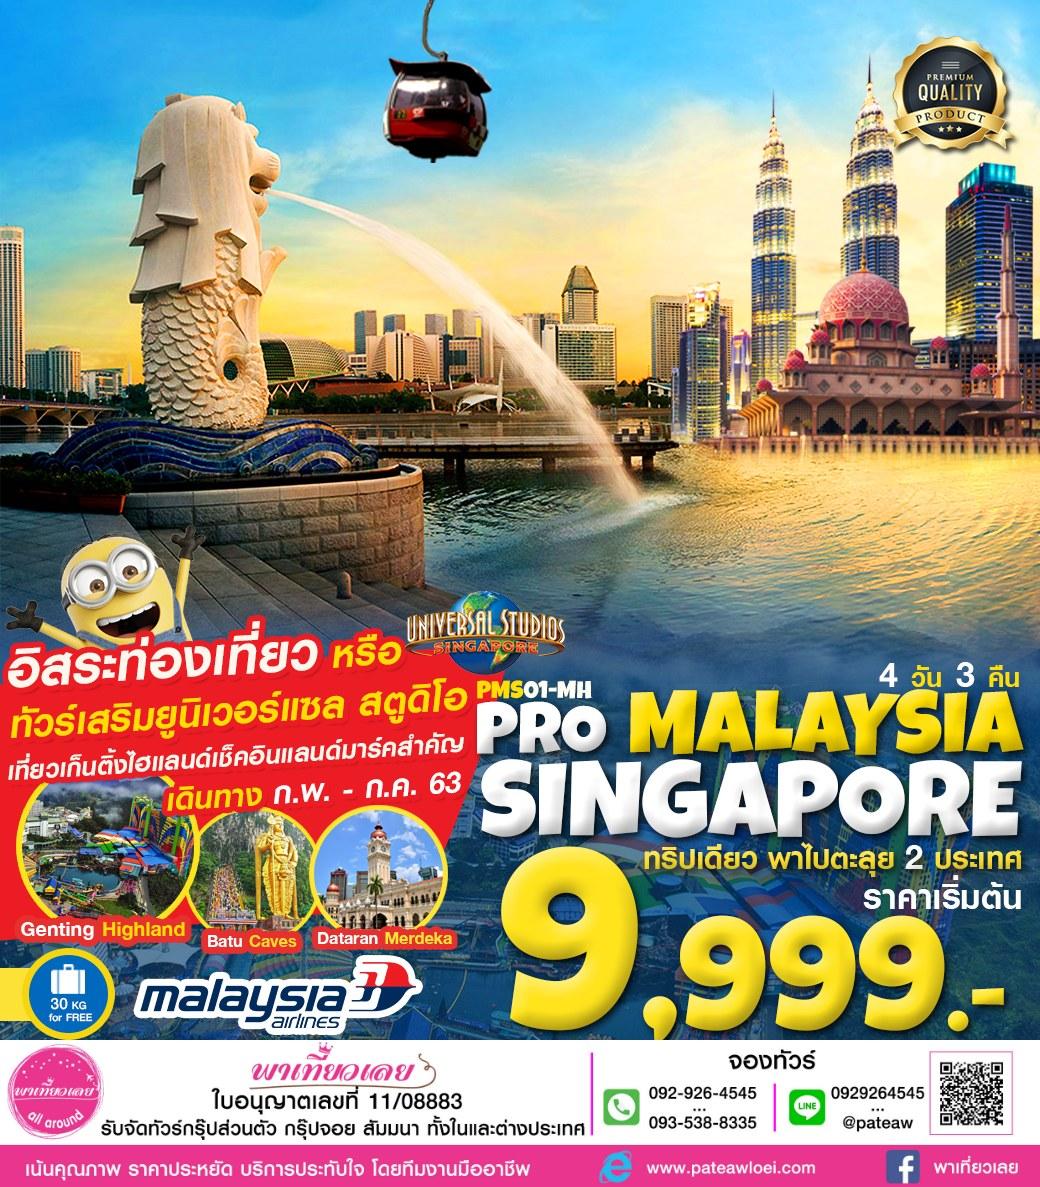 มาเลเซีย สิงคโปร์ go to ASEAN 4วัน 3คืน